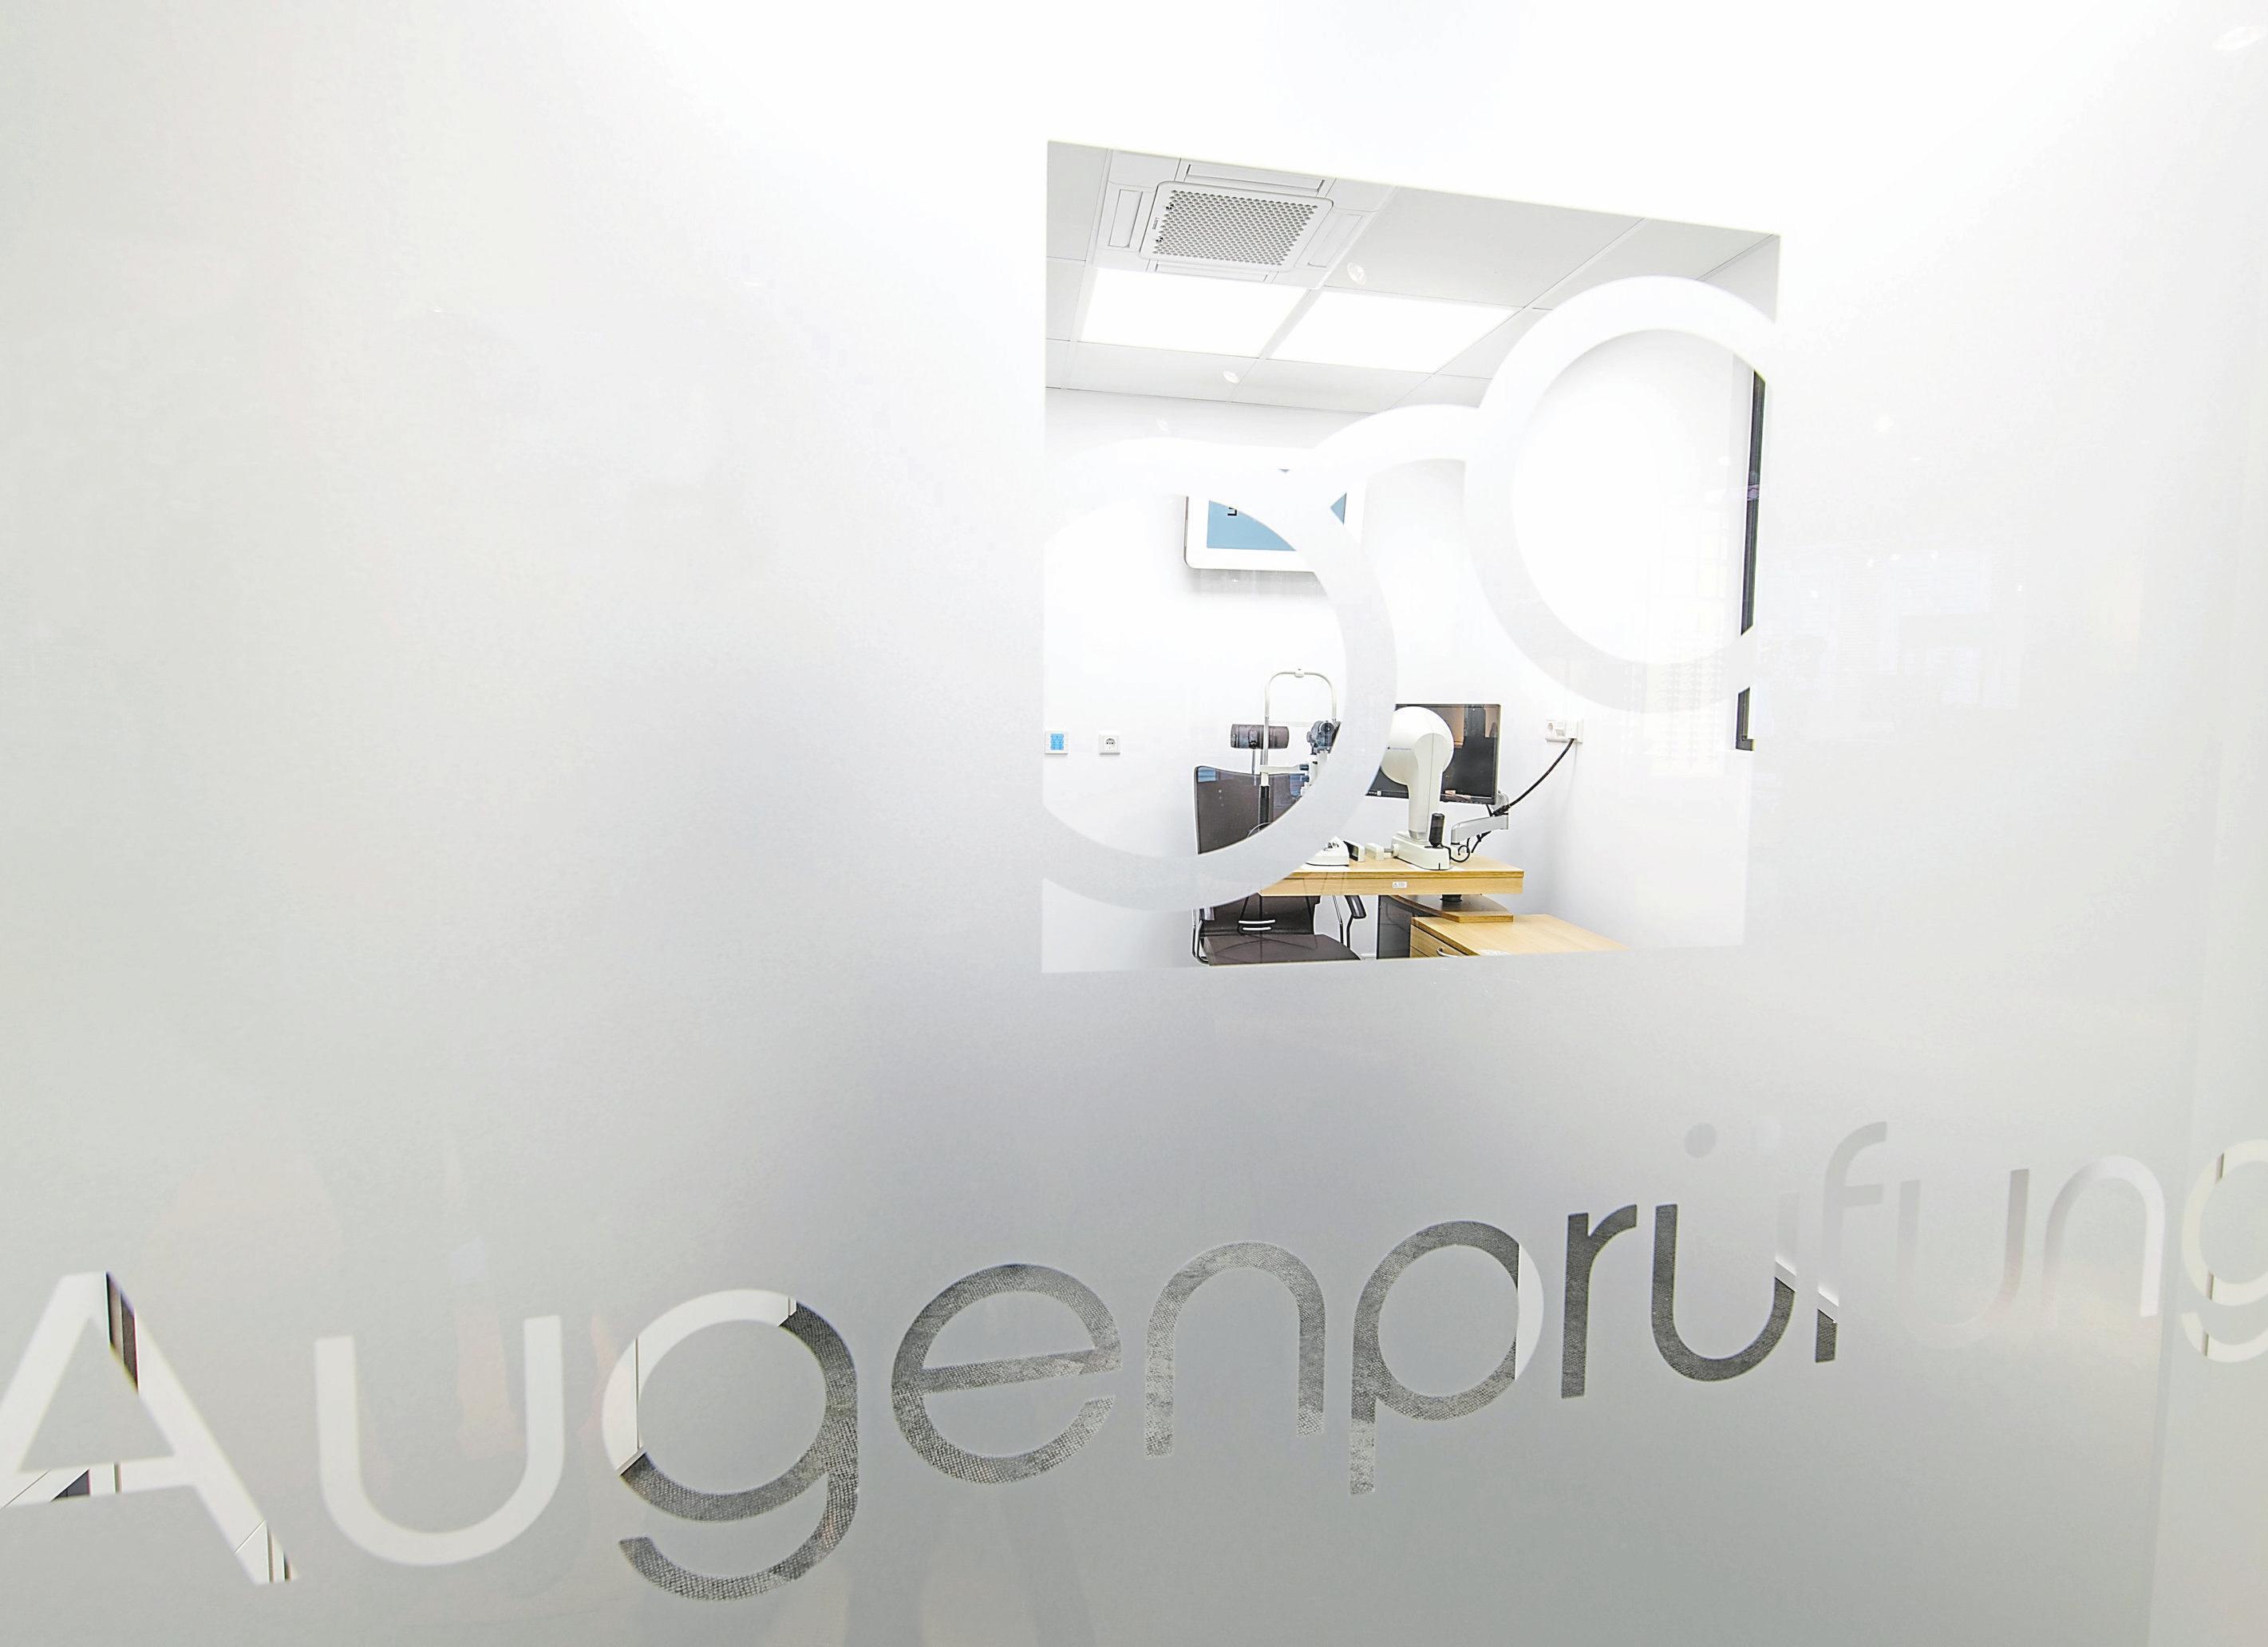 Technik der neuesten Generation Image 1